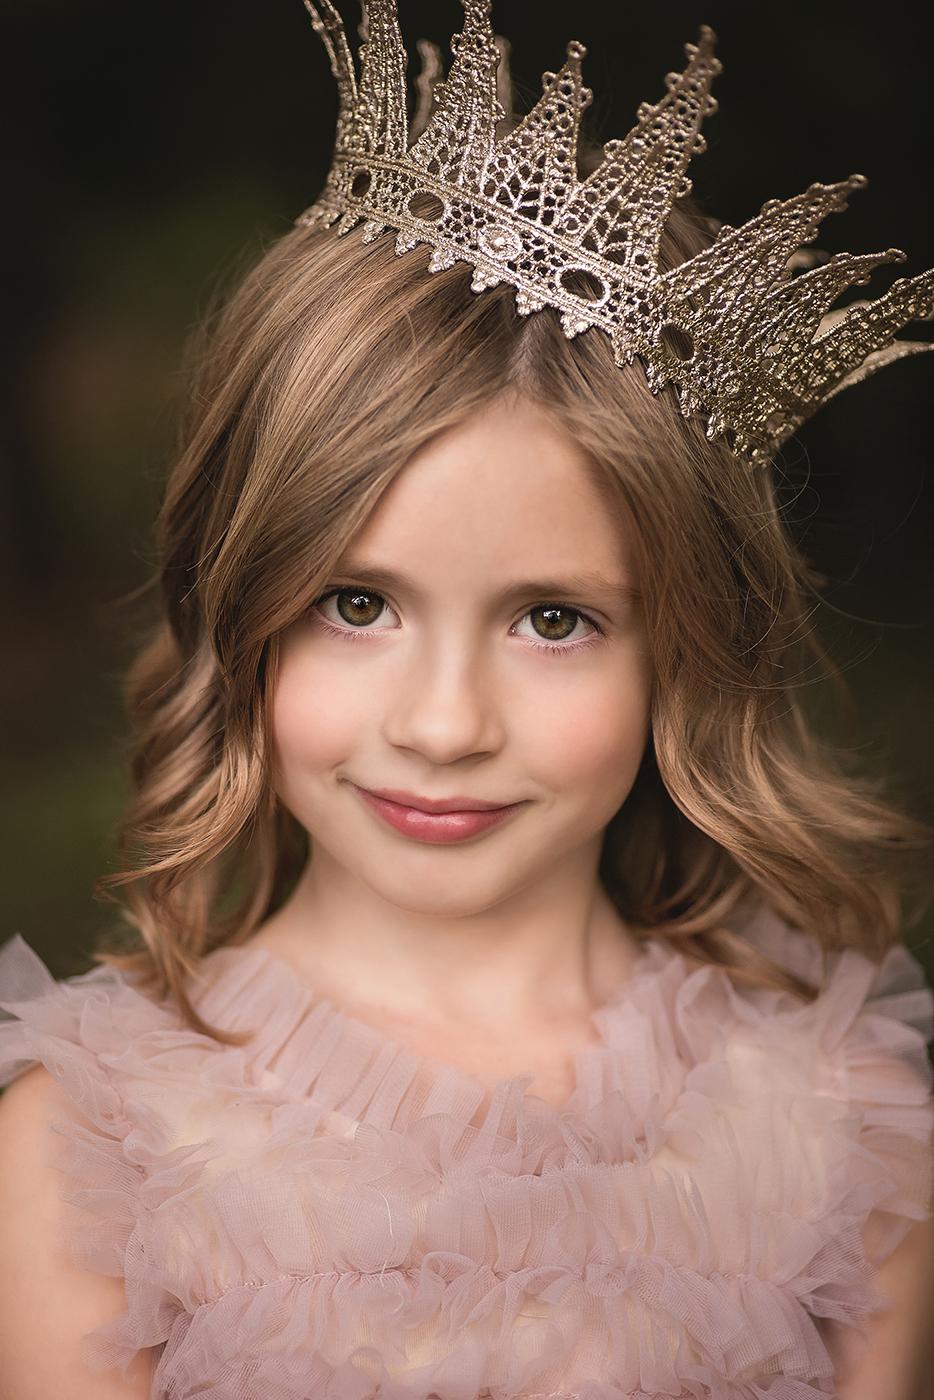 Little Queen by Kristen Lester